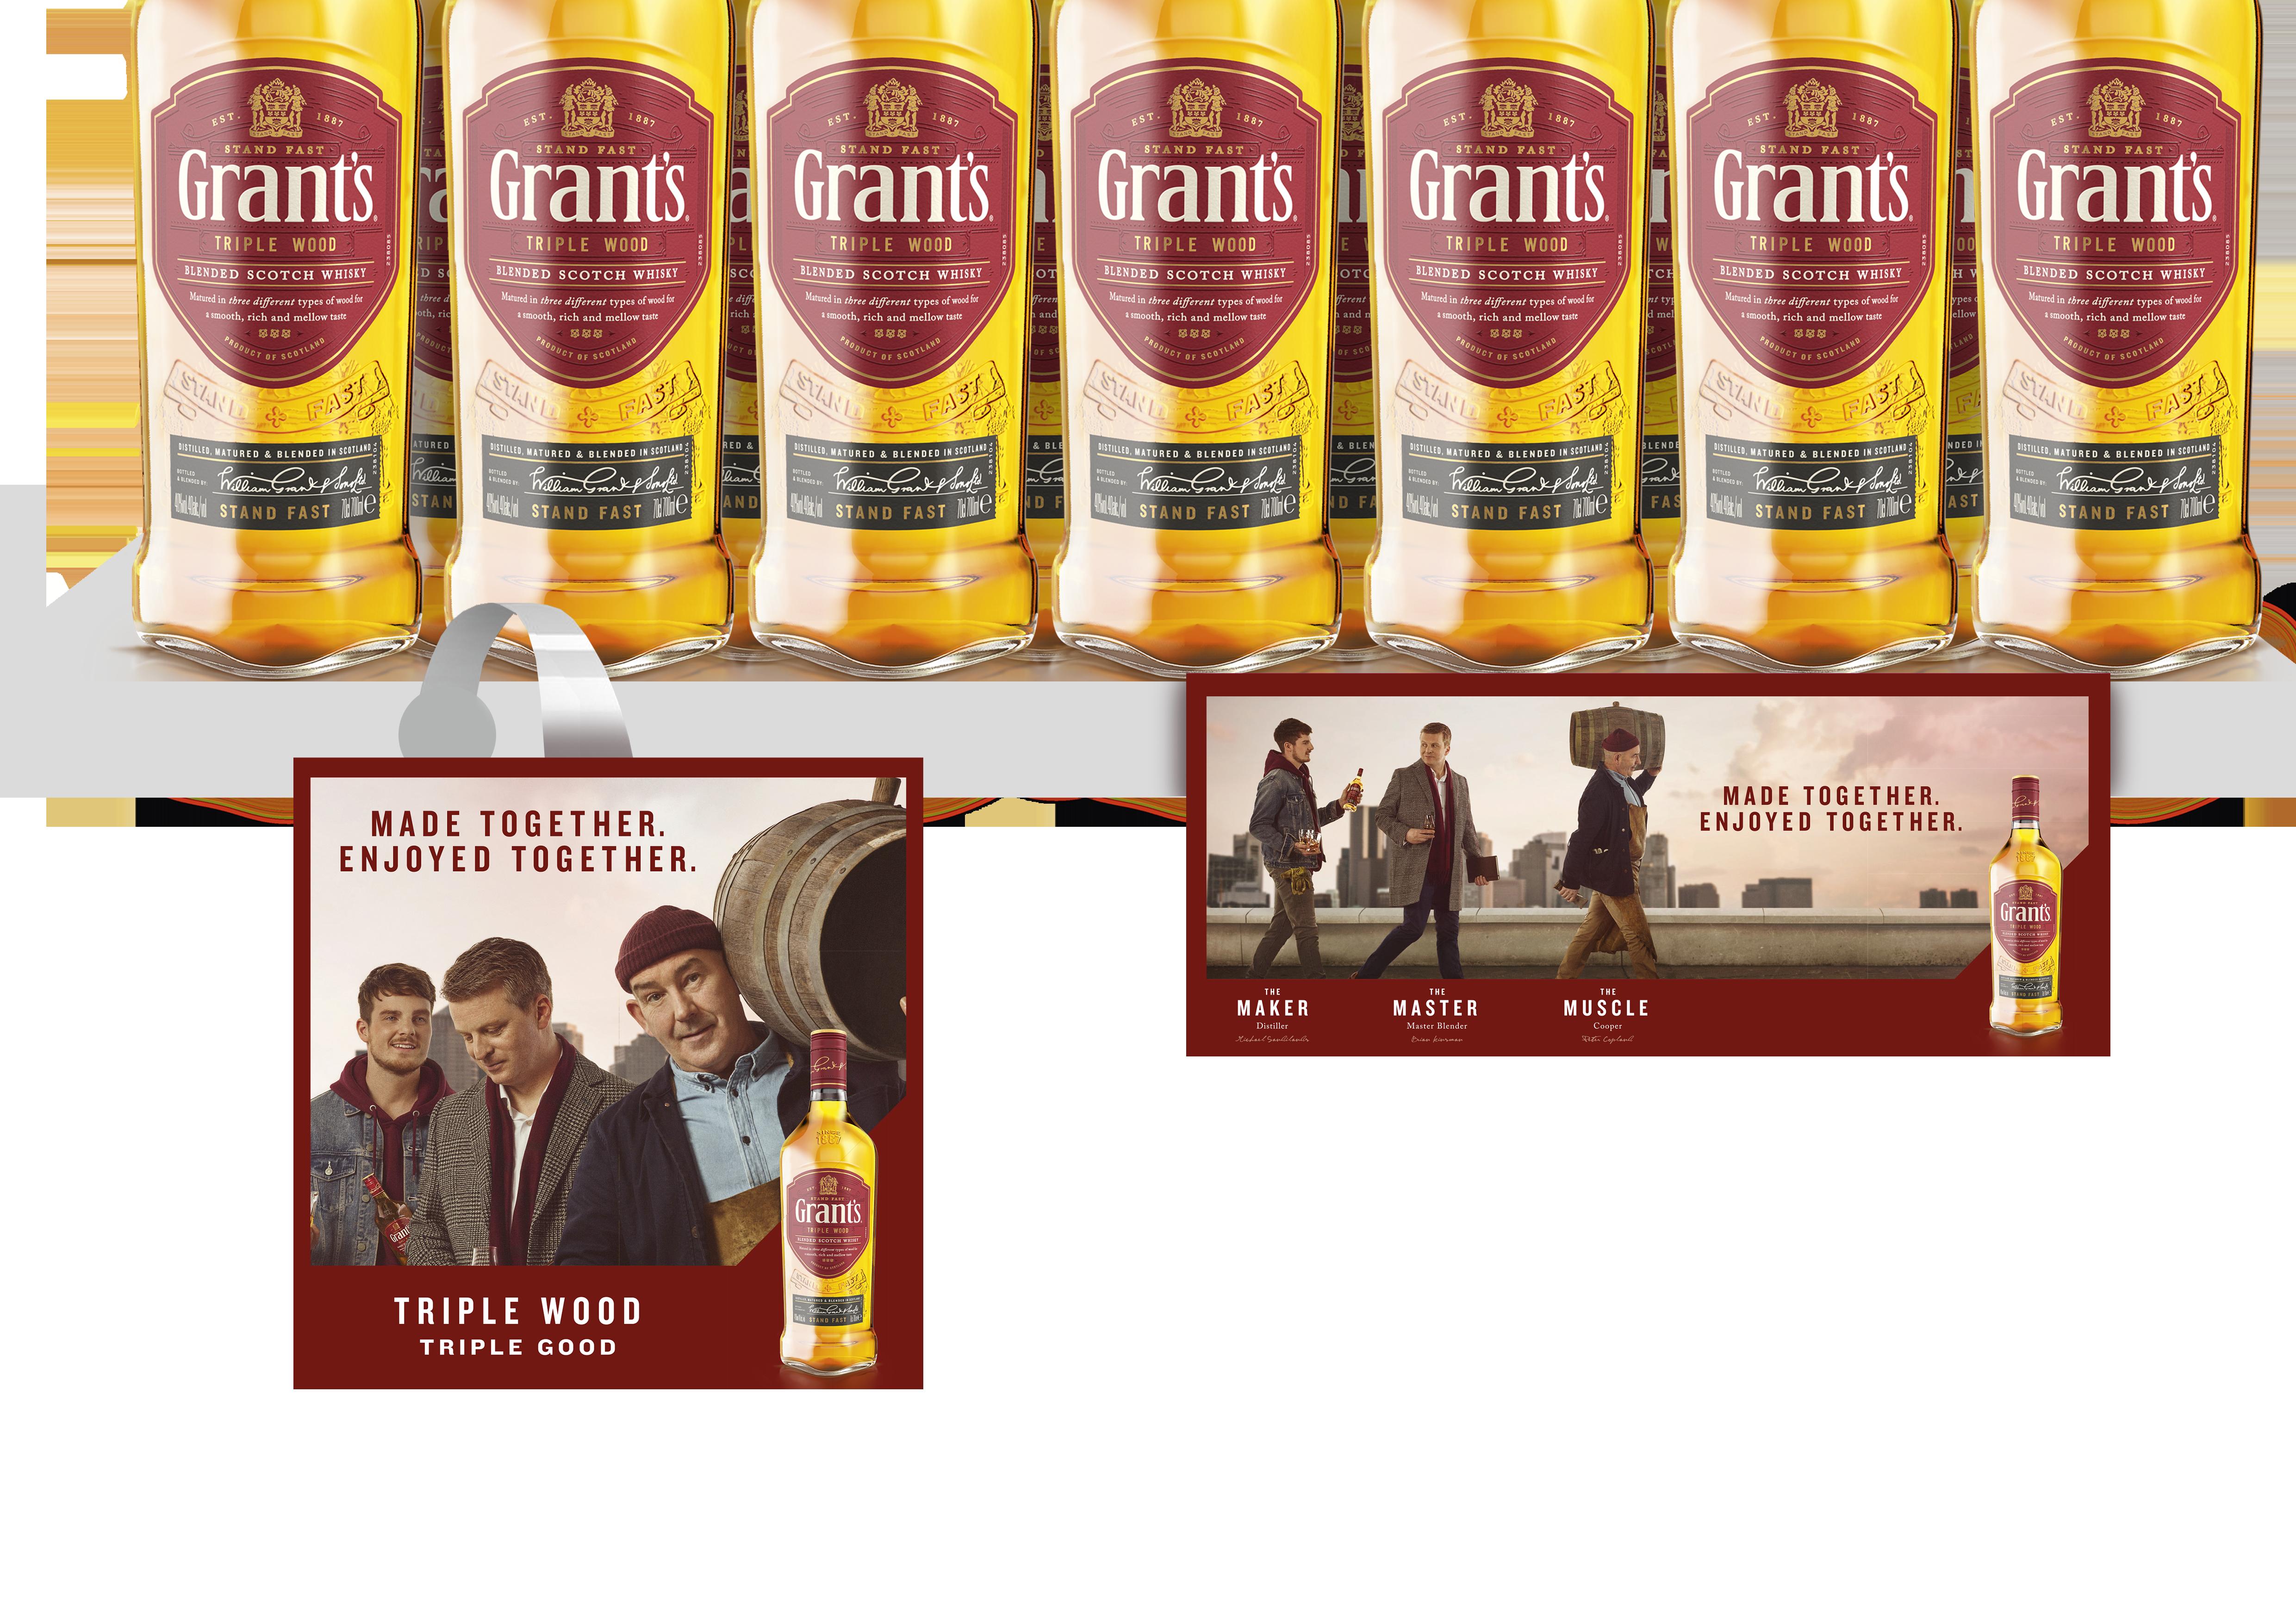 Grant's Whisky // Made together. Enjoyed together.